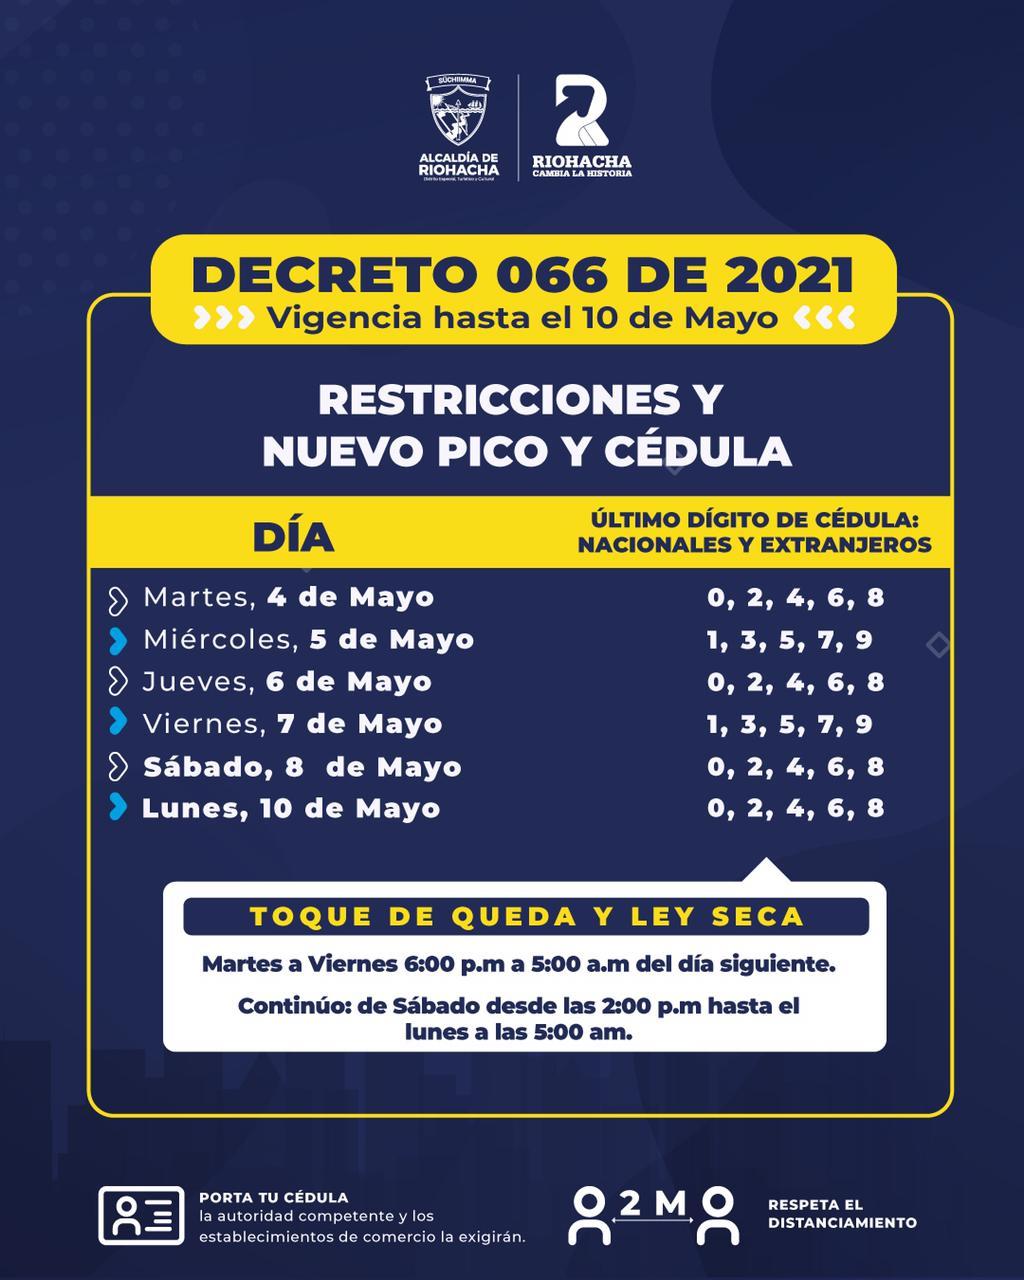 hoyennoticia.com, Riohacha con Toque de Queda, Ley Seca Pico y Cedula hasta el 10 de mayo